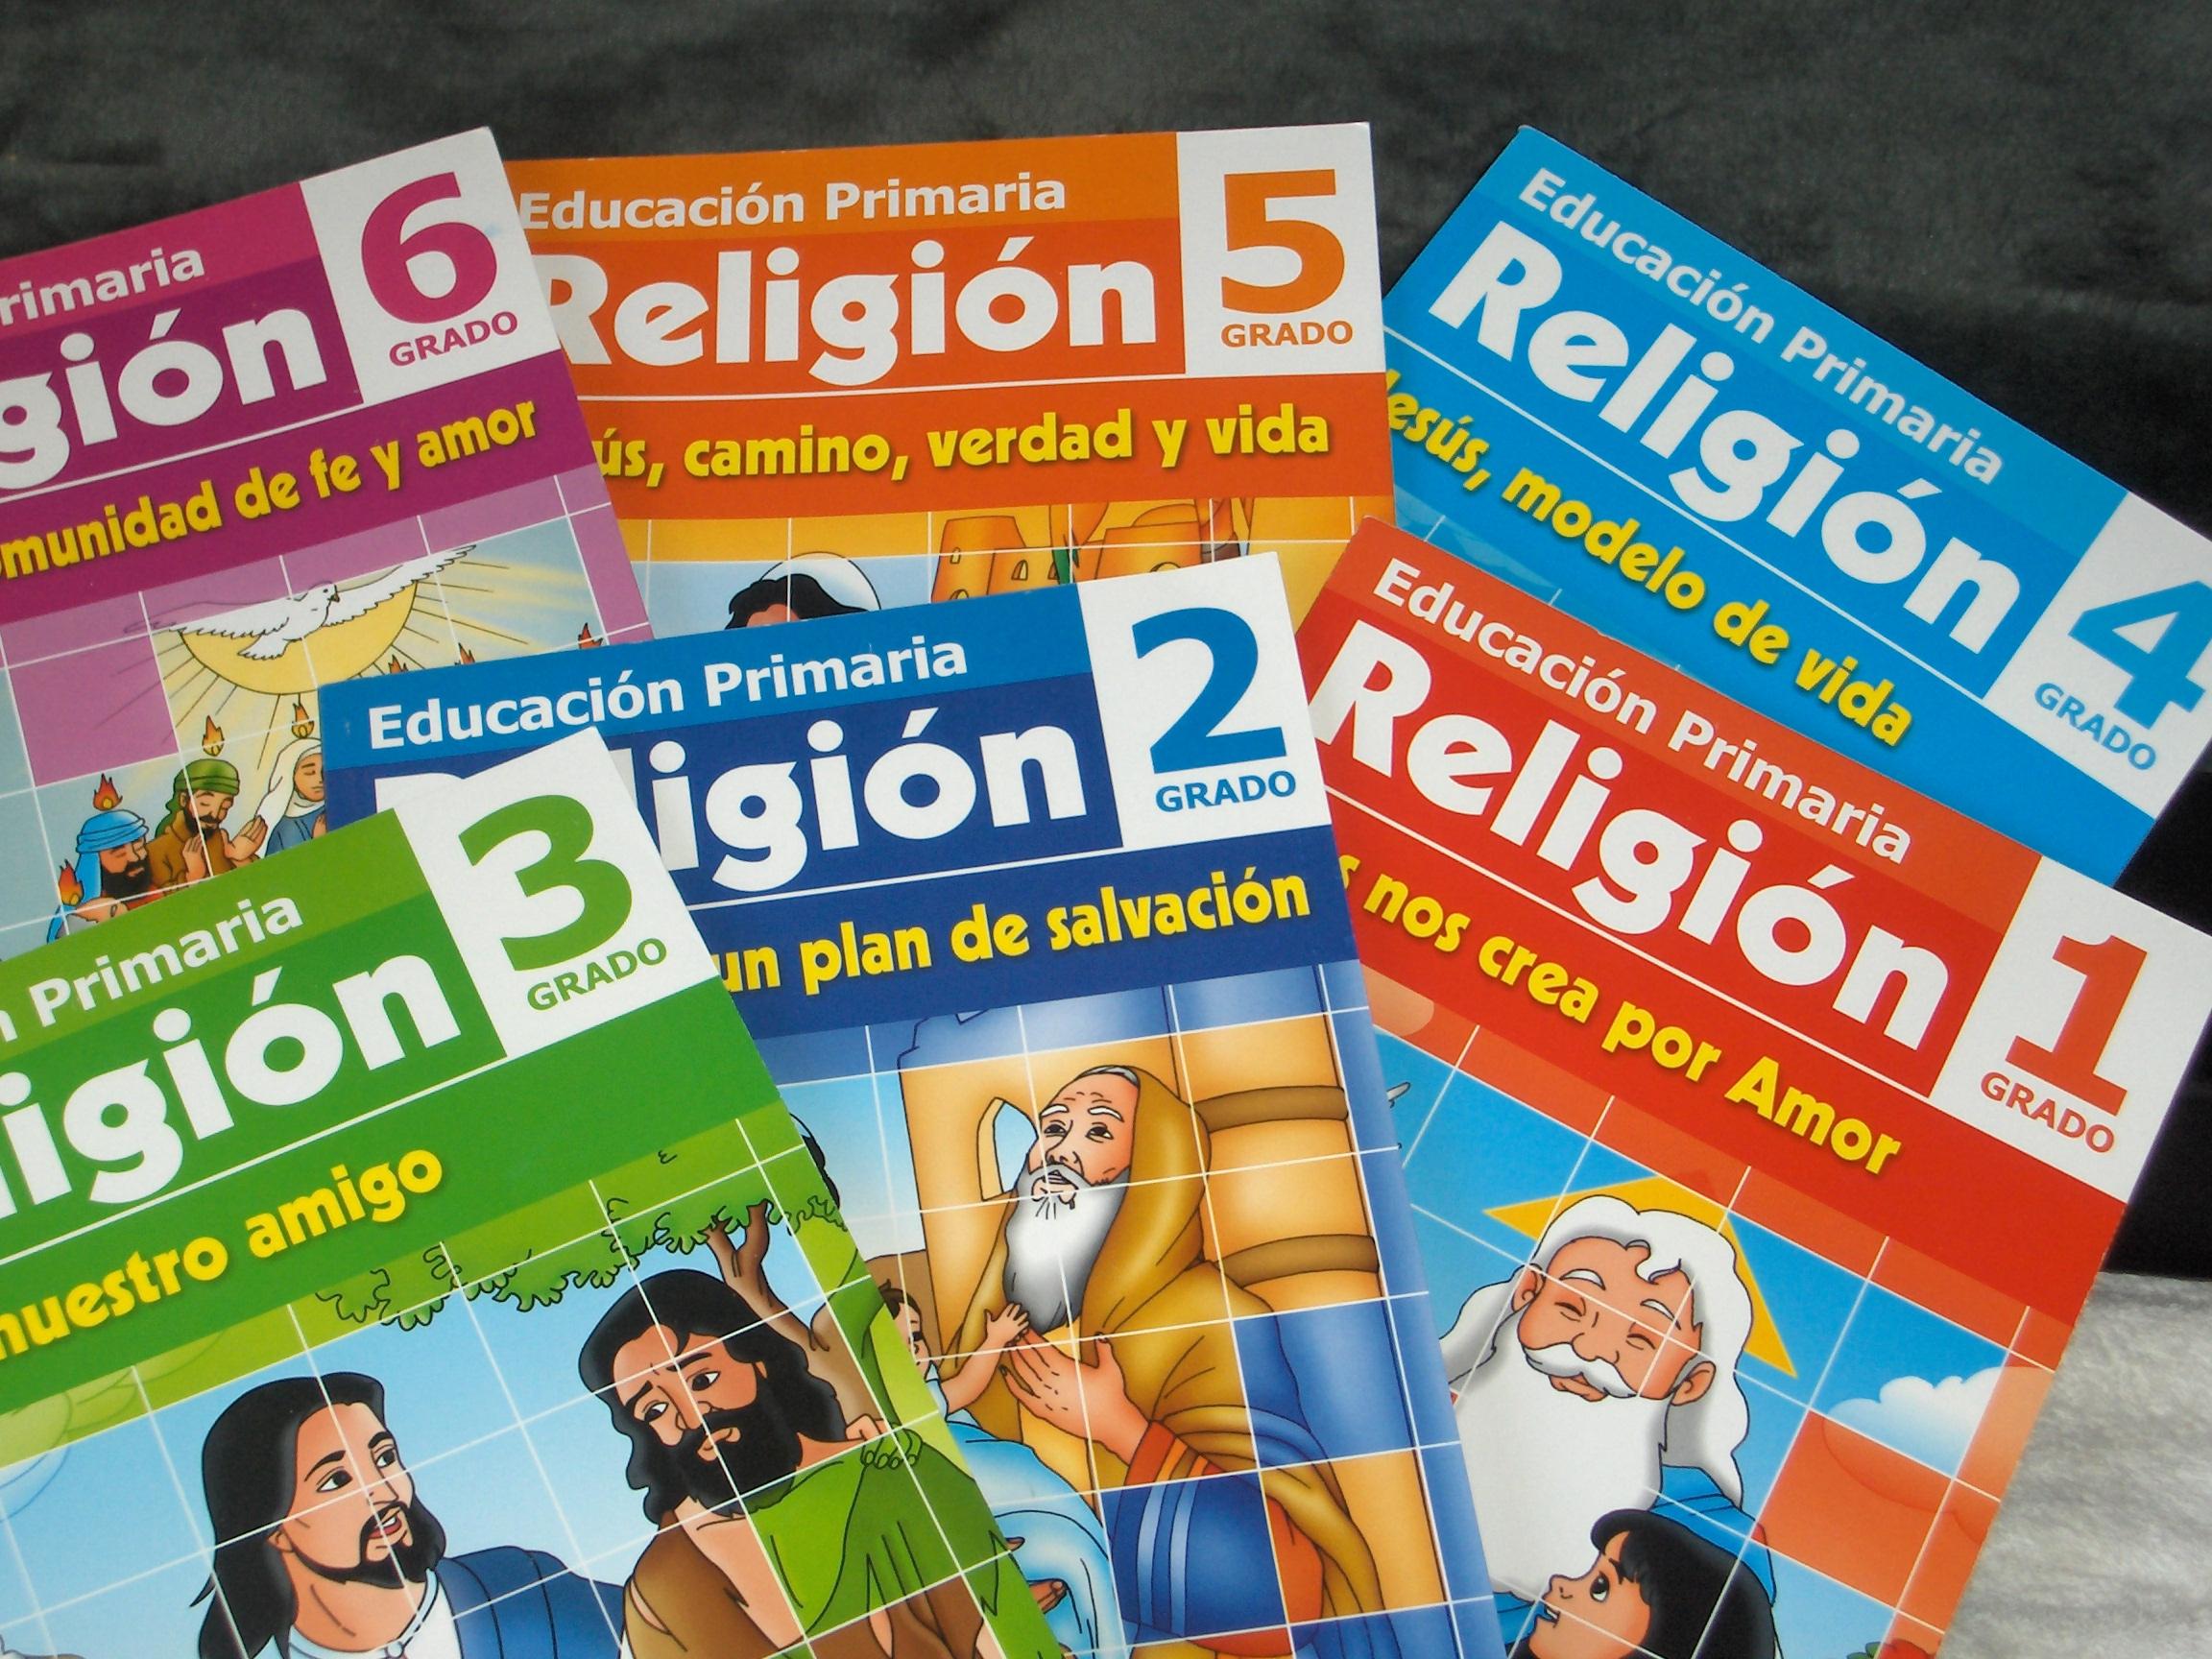 EDUCACIÓN RELIGIOSA: Descarga Los Libros De Religión De La